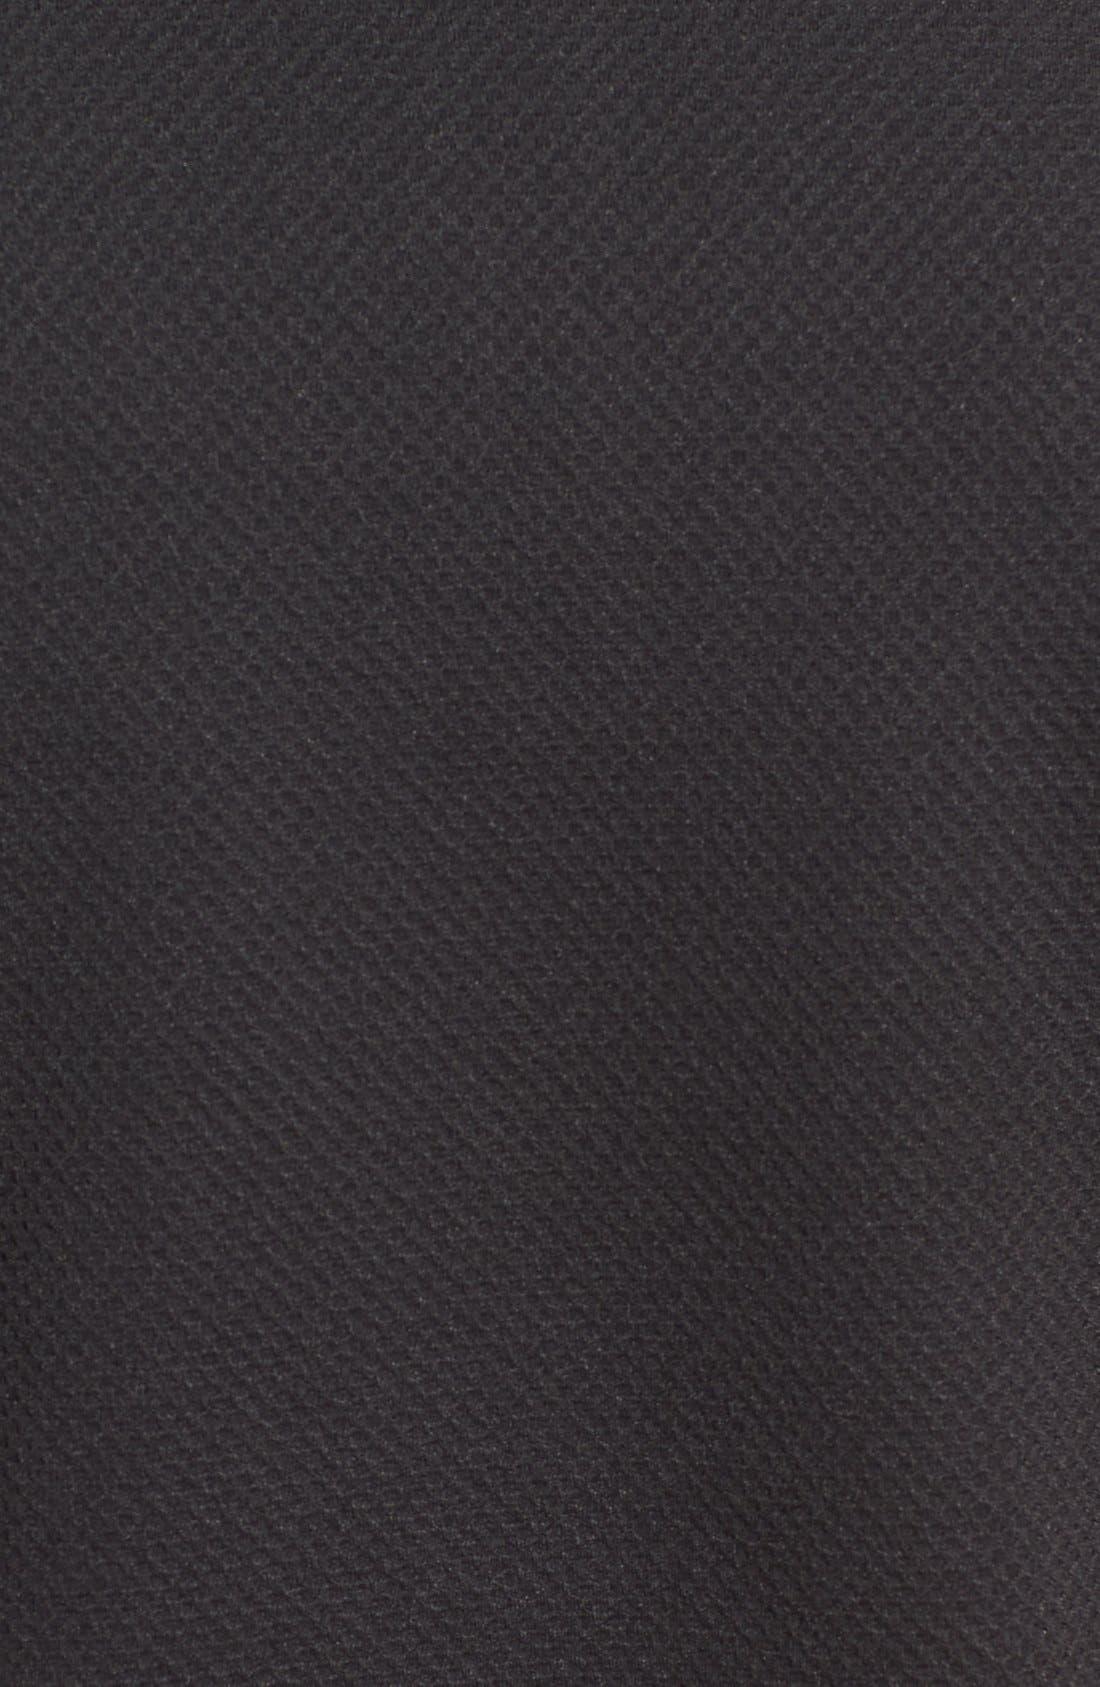 Slim Fit Mesh Polo,                             Alternate thumbnail 5, color,                             BLACK